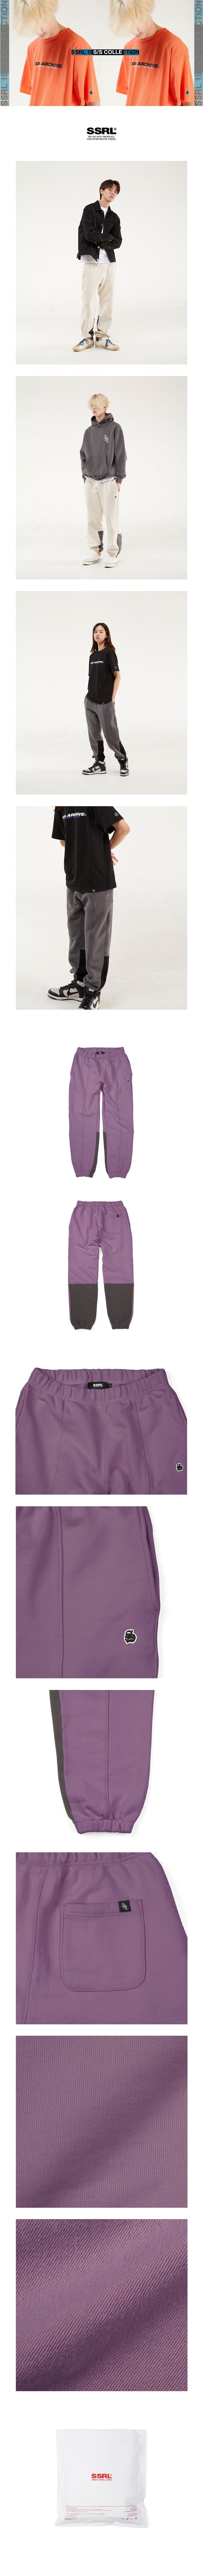 에스에스알엘(SSRL) calf sweat pants / purple